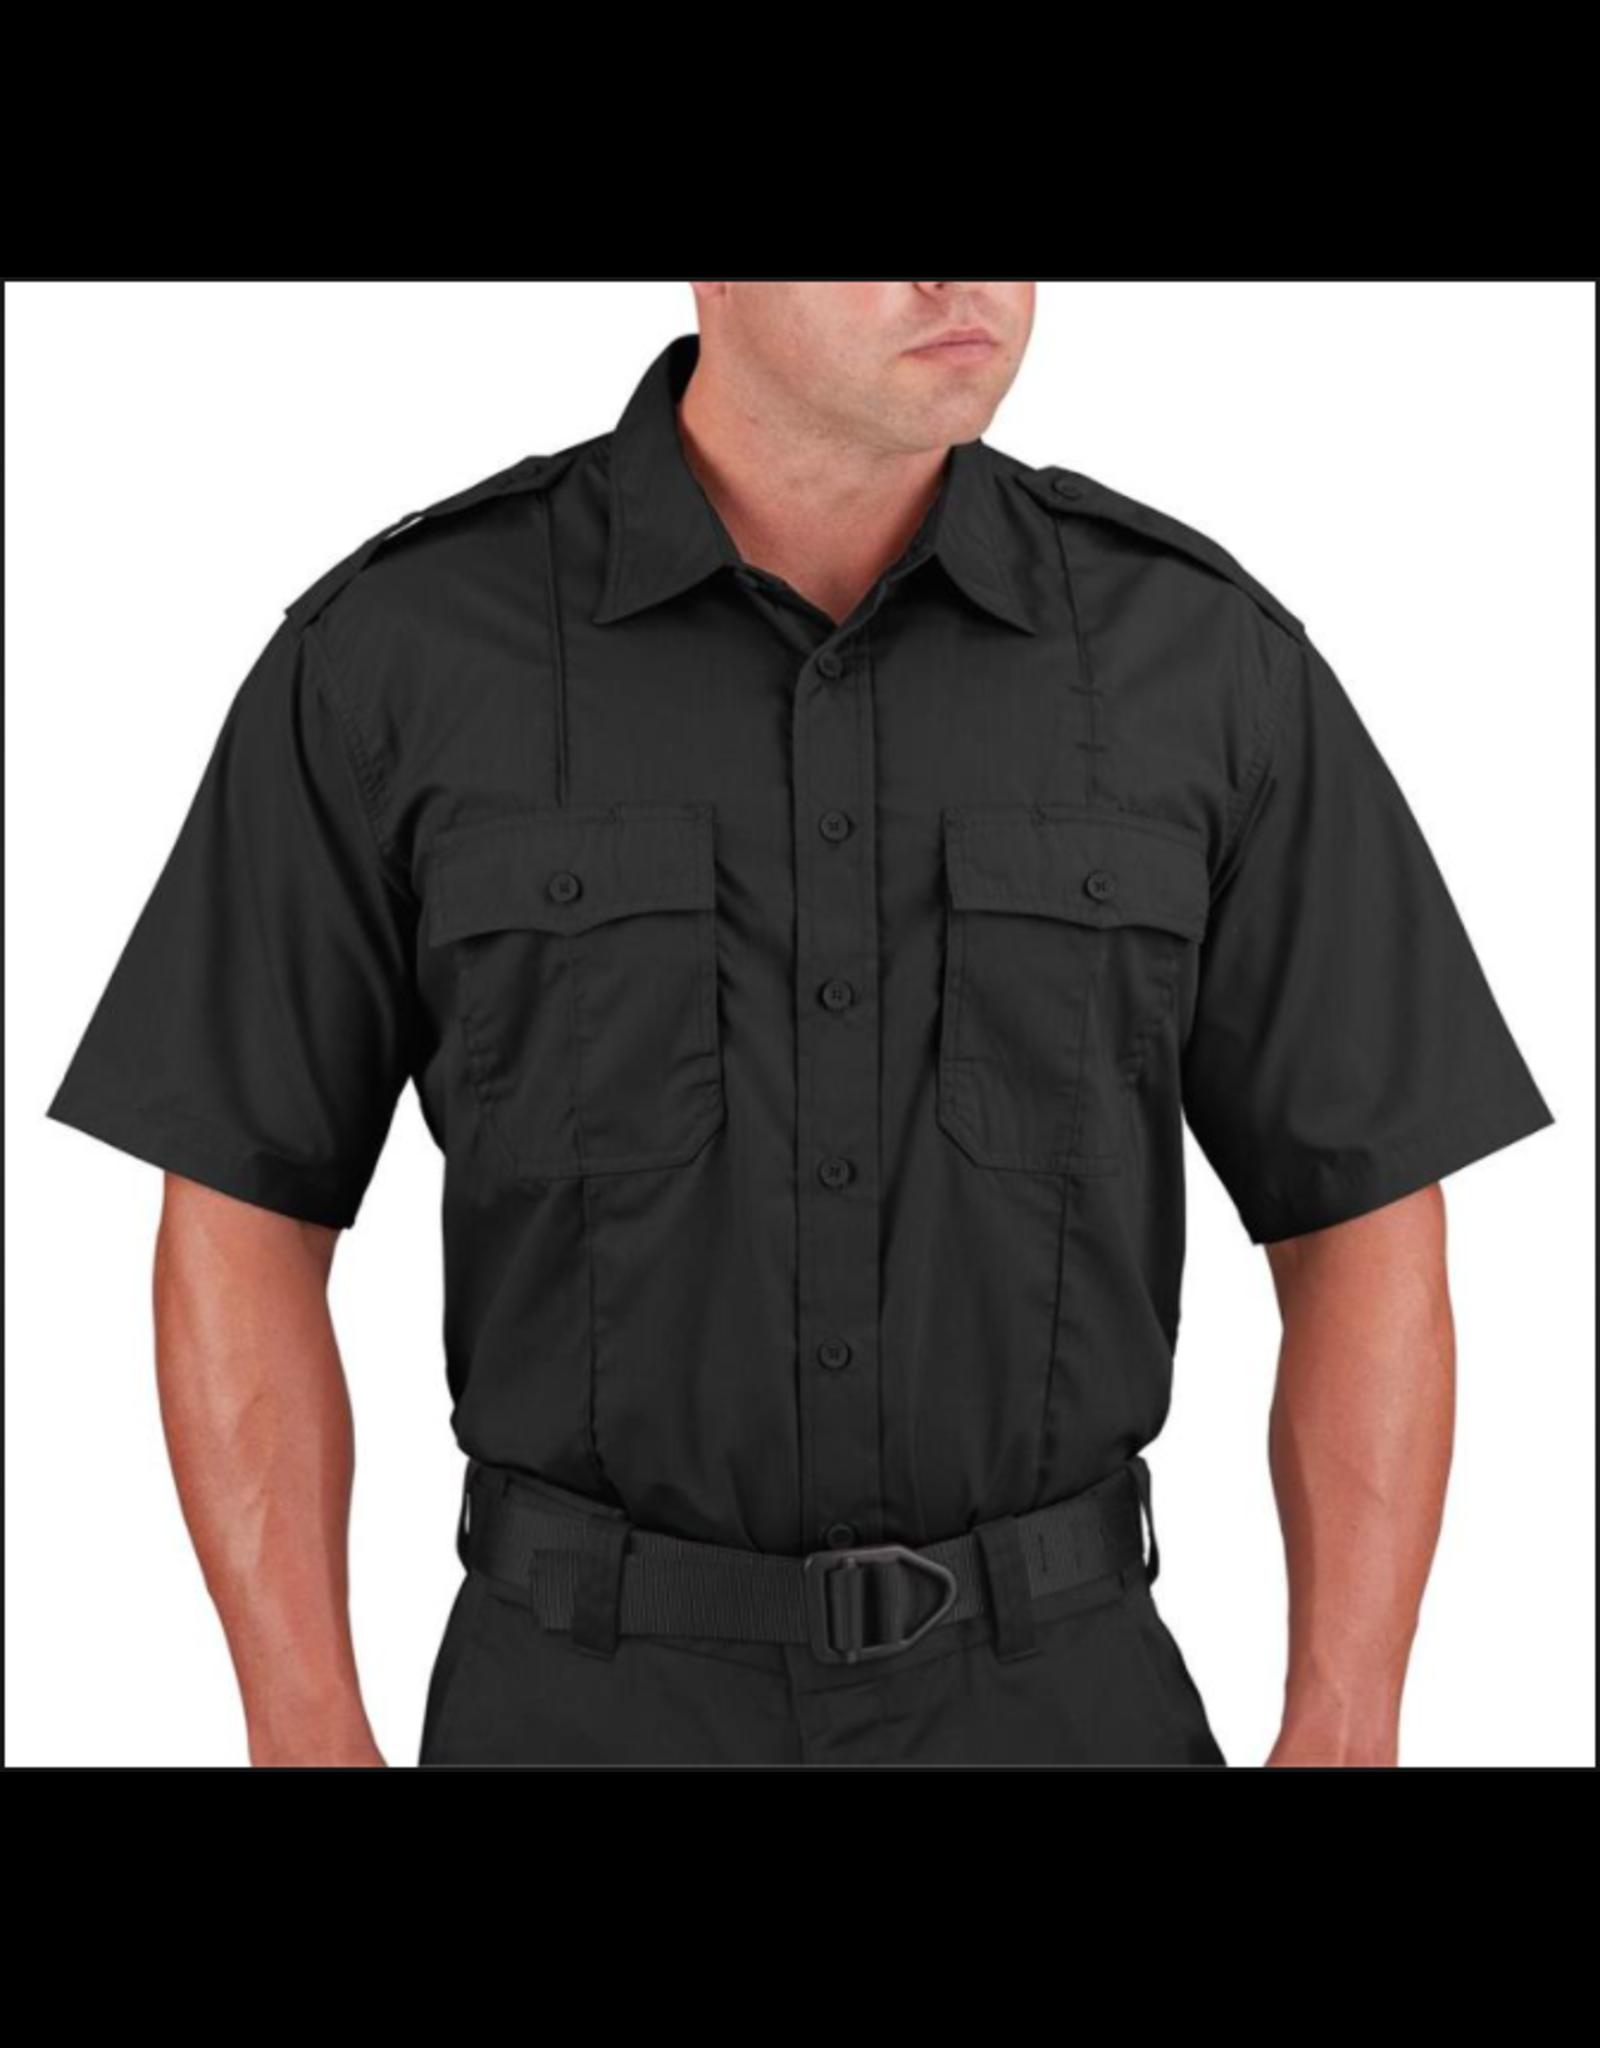 Propper Men's Class B Short Sleeve Shirt Black XL